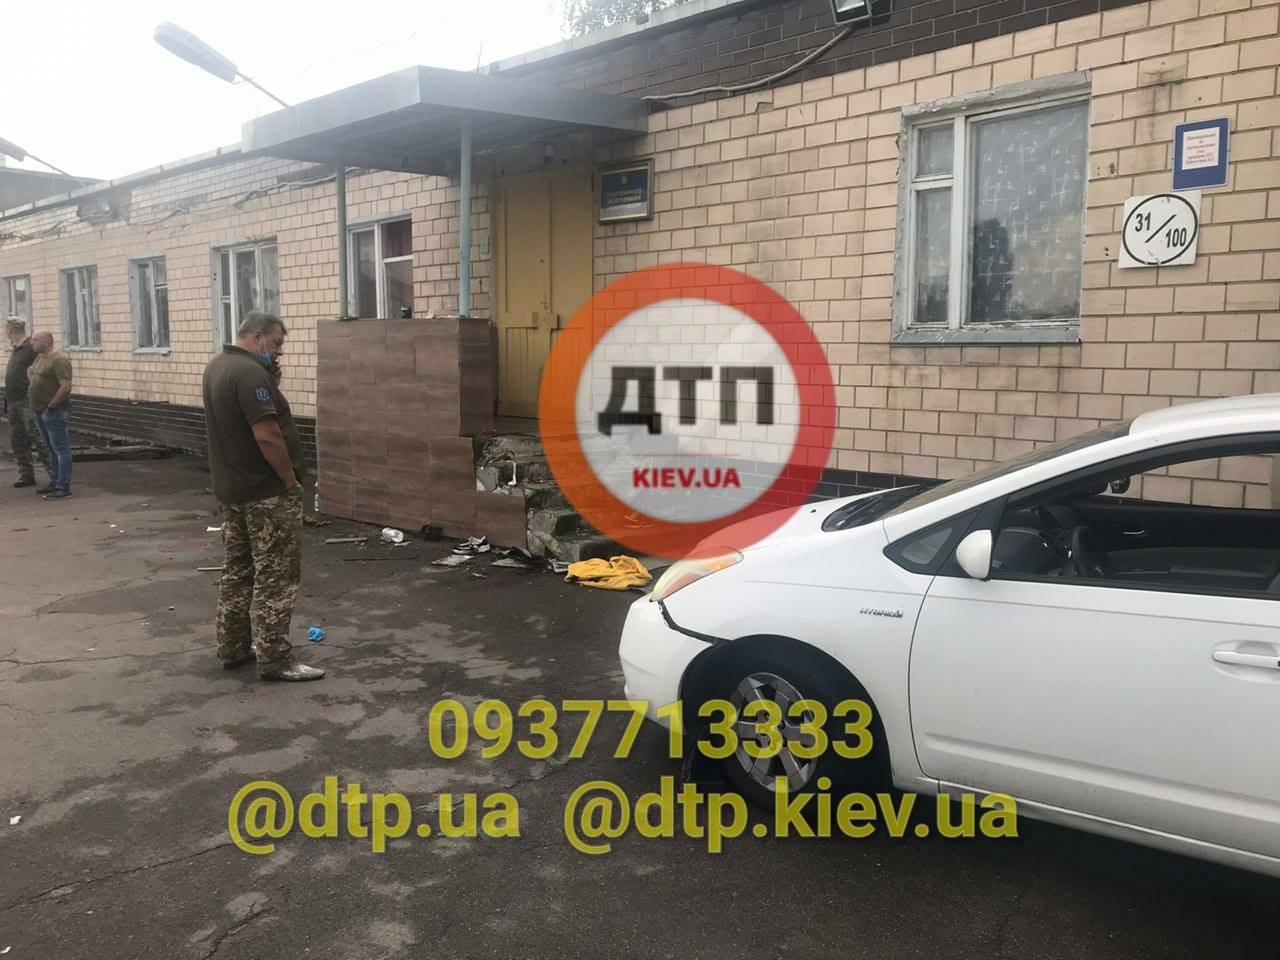 Трагедія в Києві: п'яний офіцер в ДТП тяжко травмував трьох дівчат, одна з них втратила ноги - фото 18+